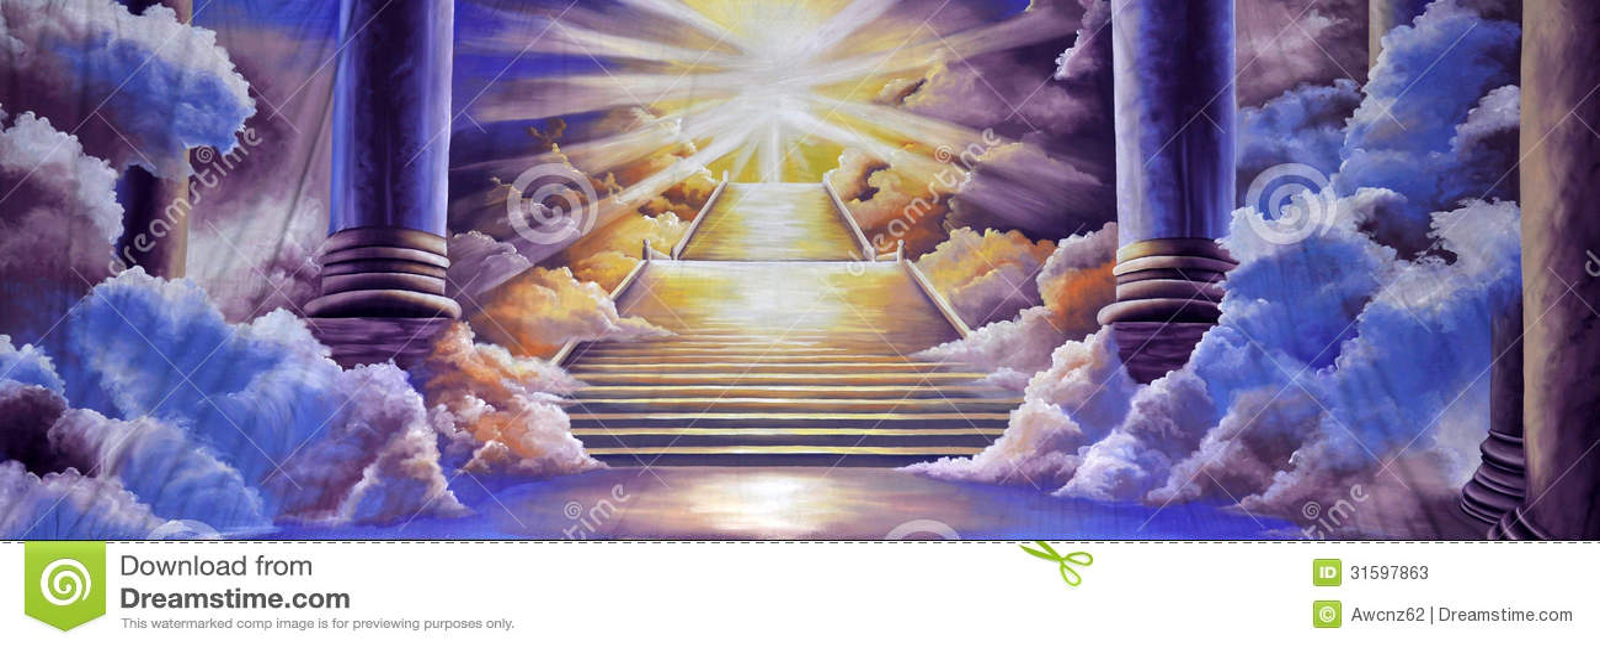 Fundo do céu